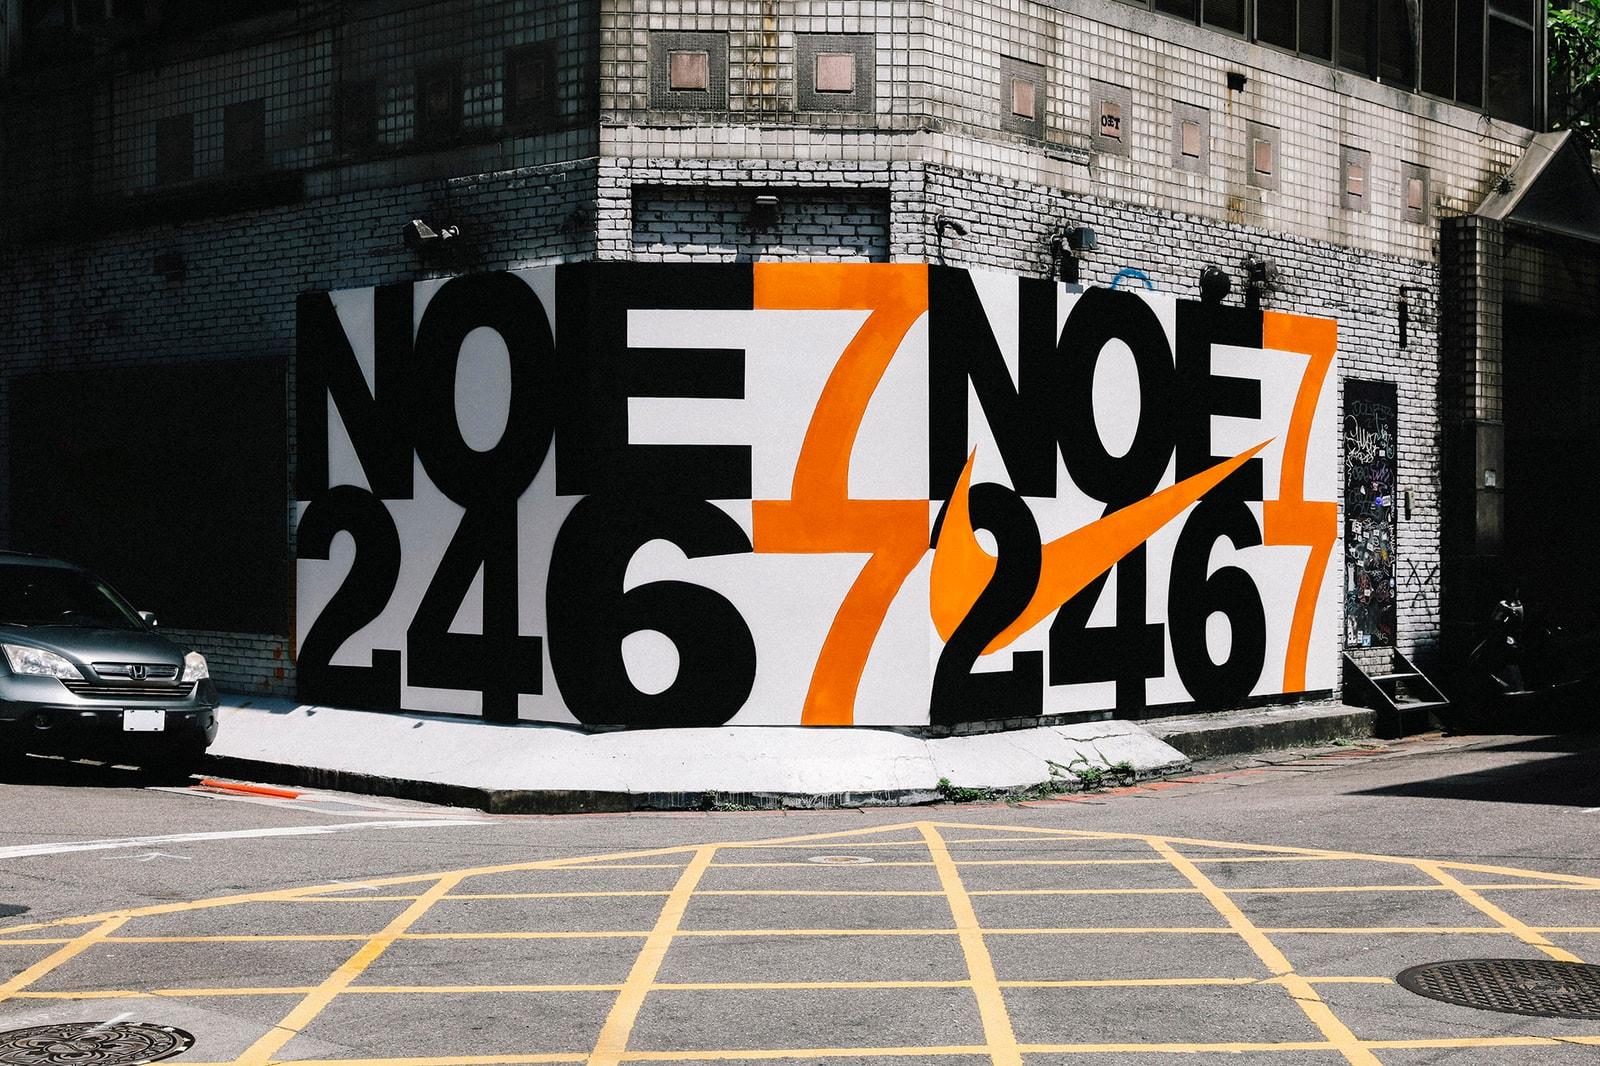 當塗鴉藝術遇上品牌主理 NOE246 x LEO 為 Air Max 270 React 之共同創作